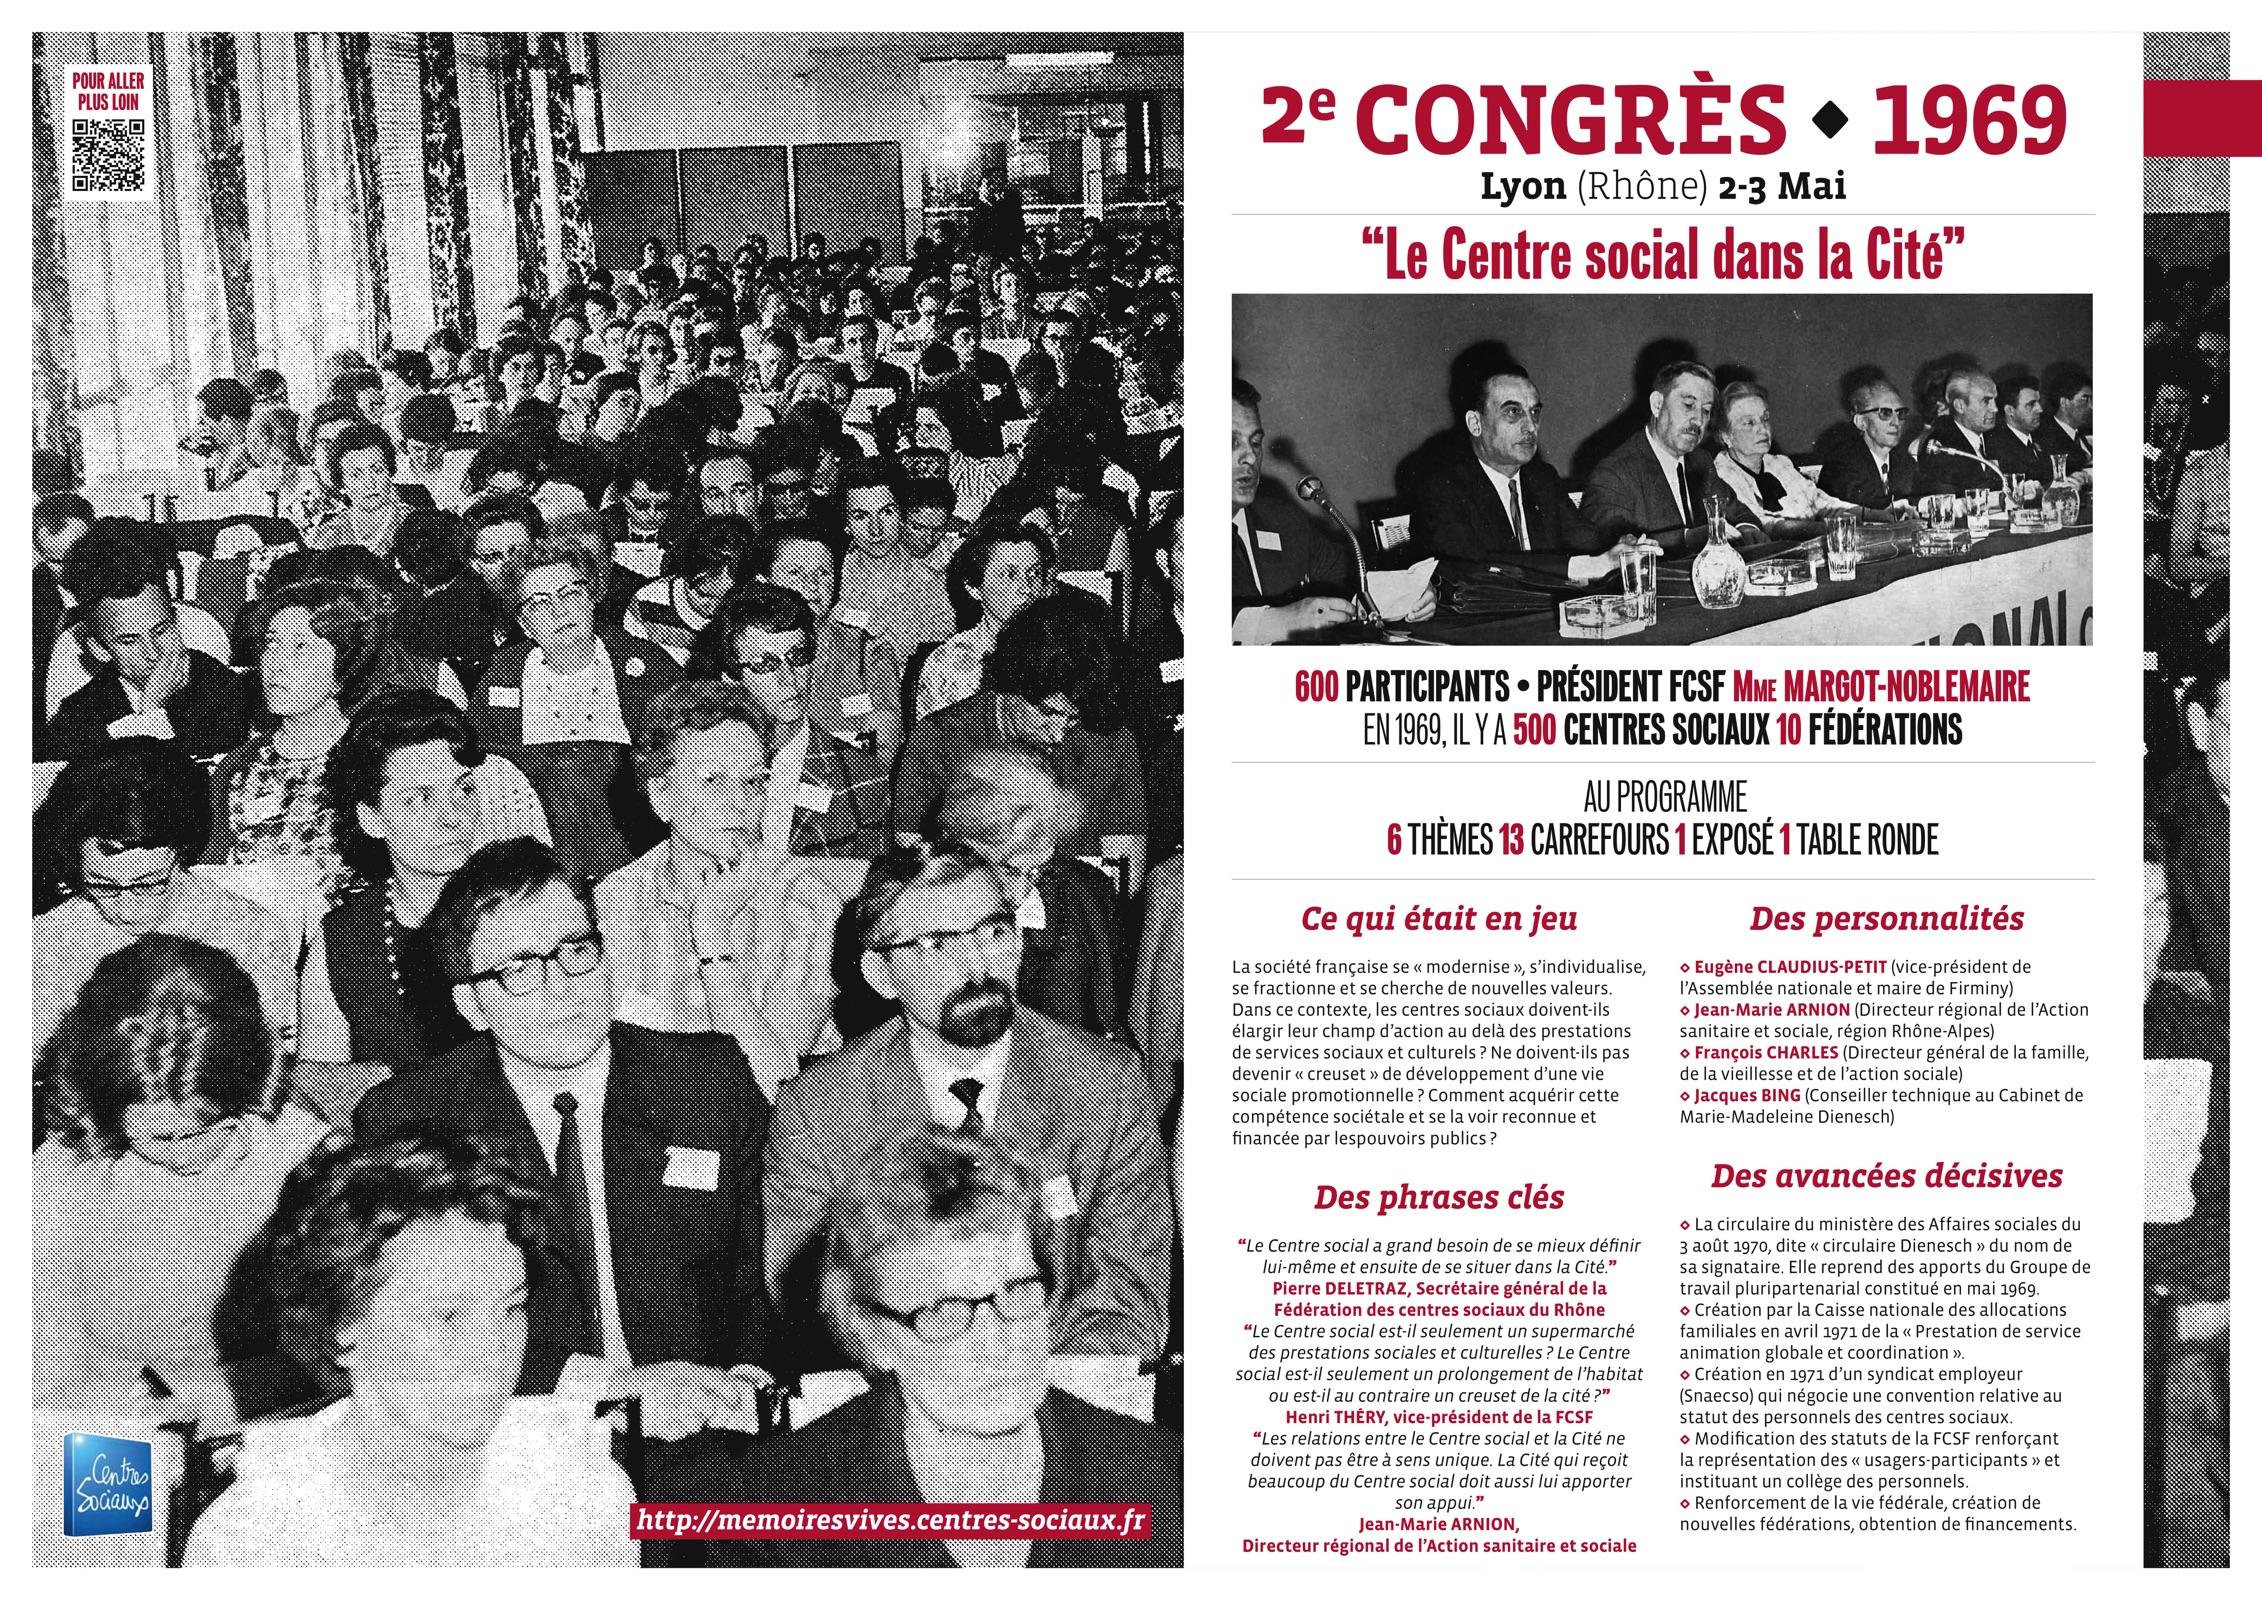 2ème Congrès